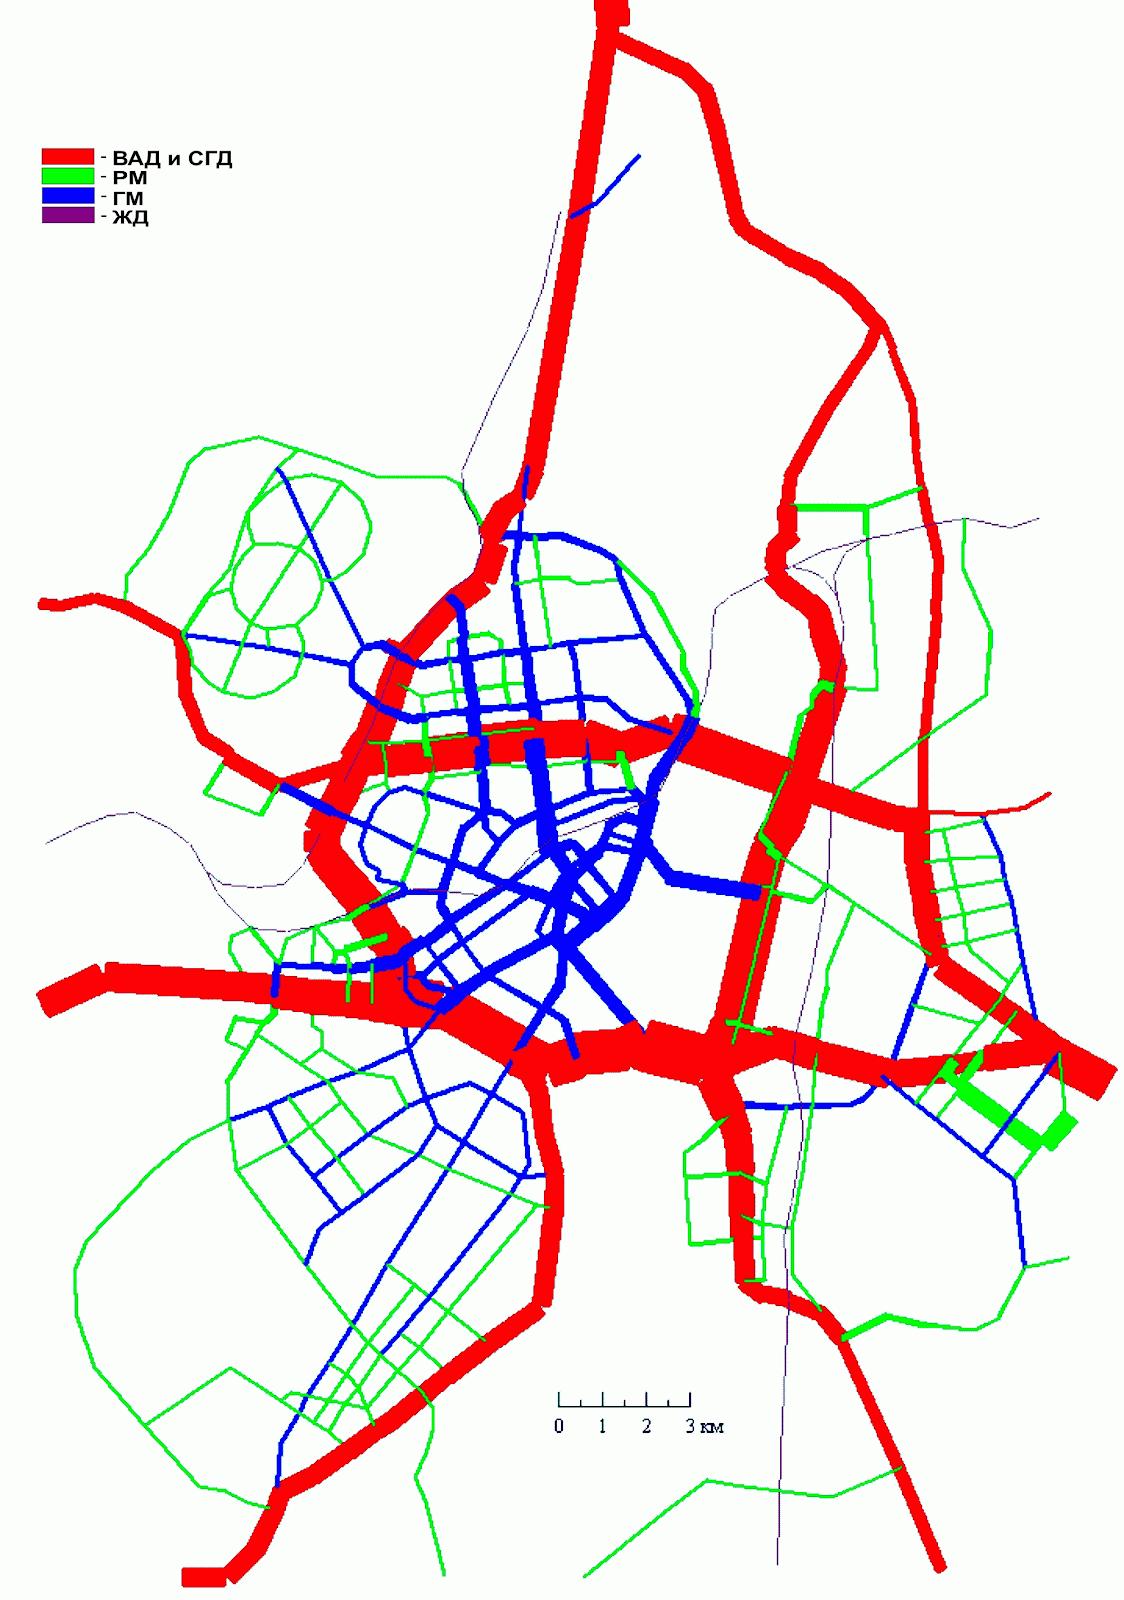 8. Вариант III. Схема МУДС совмещенная с картограммой автомобилепотоков по категориям магистральных улиц с четырьмя диаметрами МНД